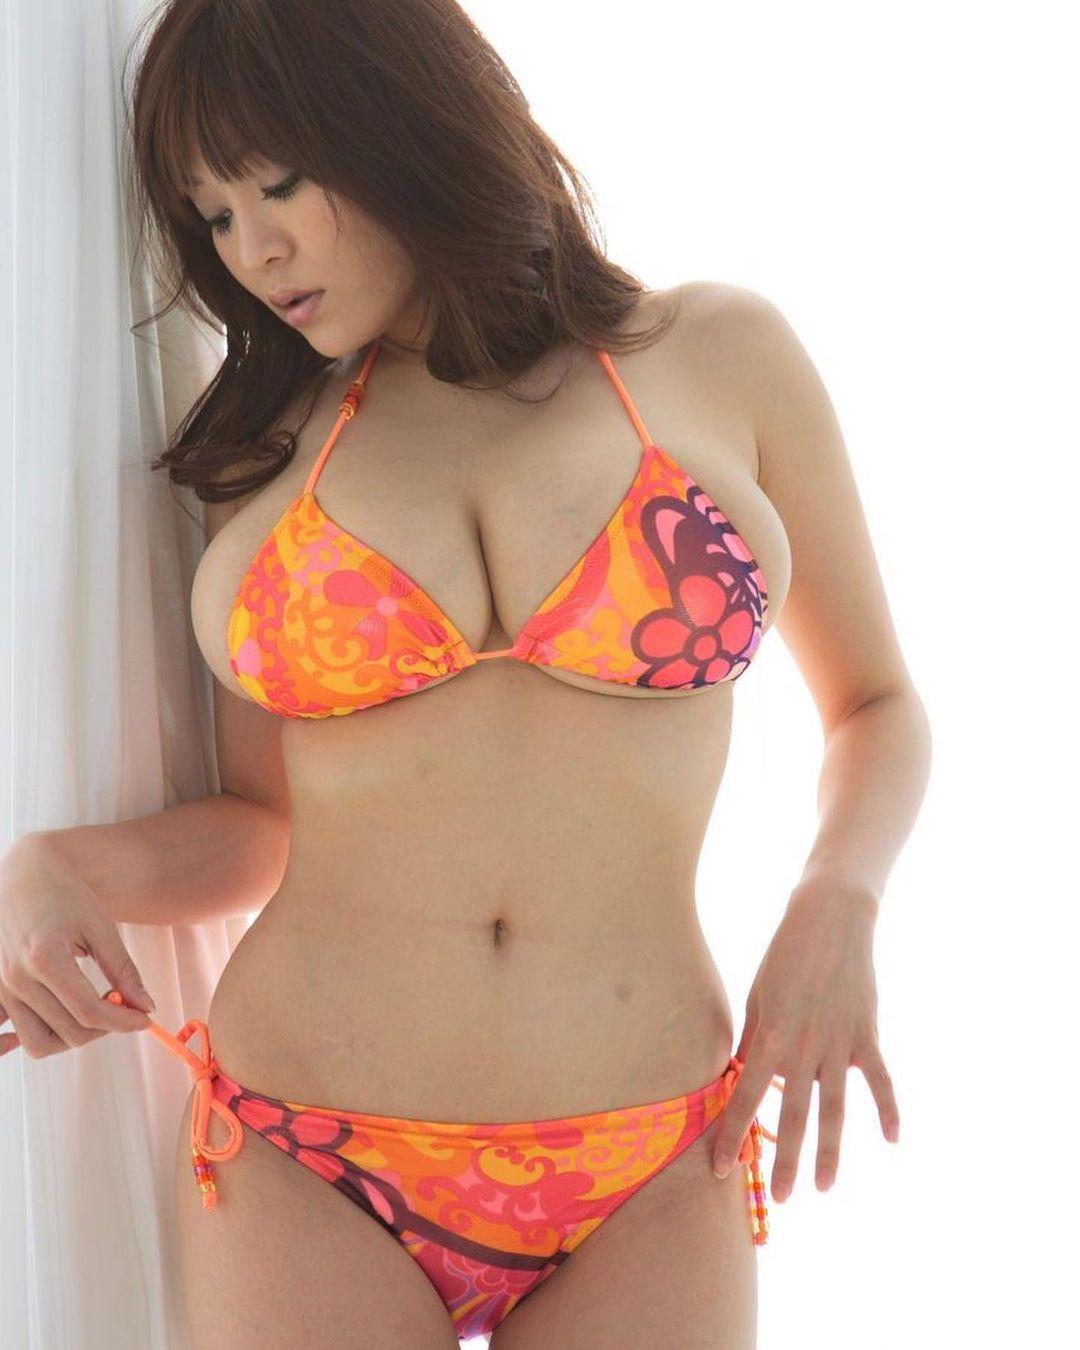 matsugane_yoko205.jpg